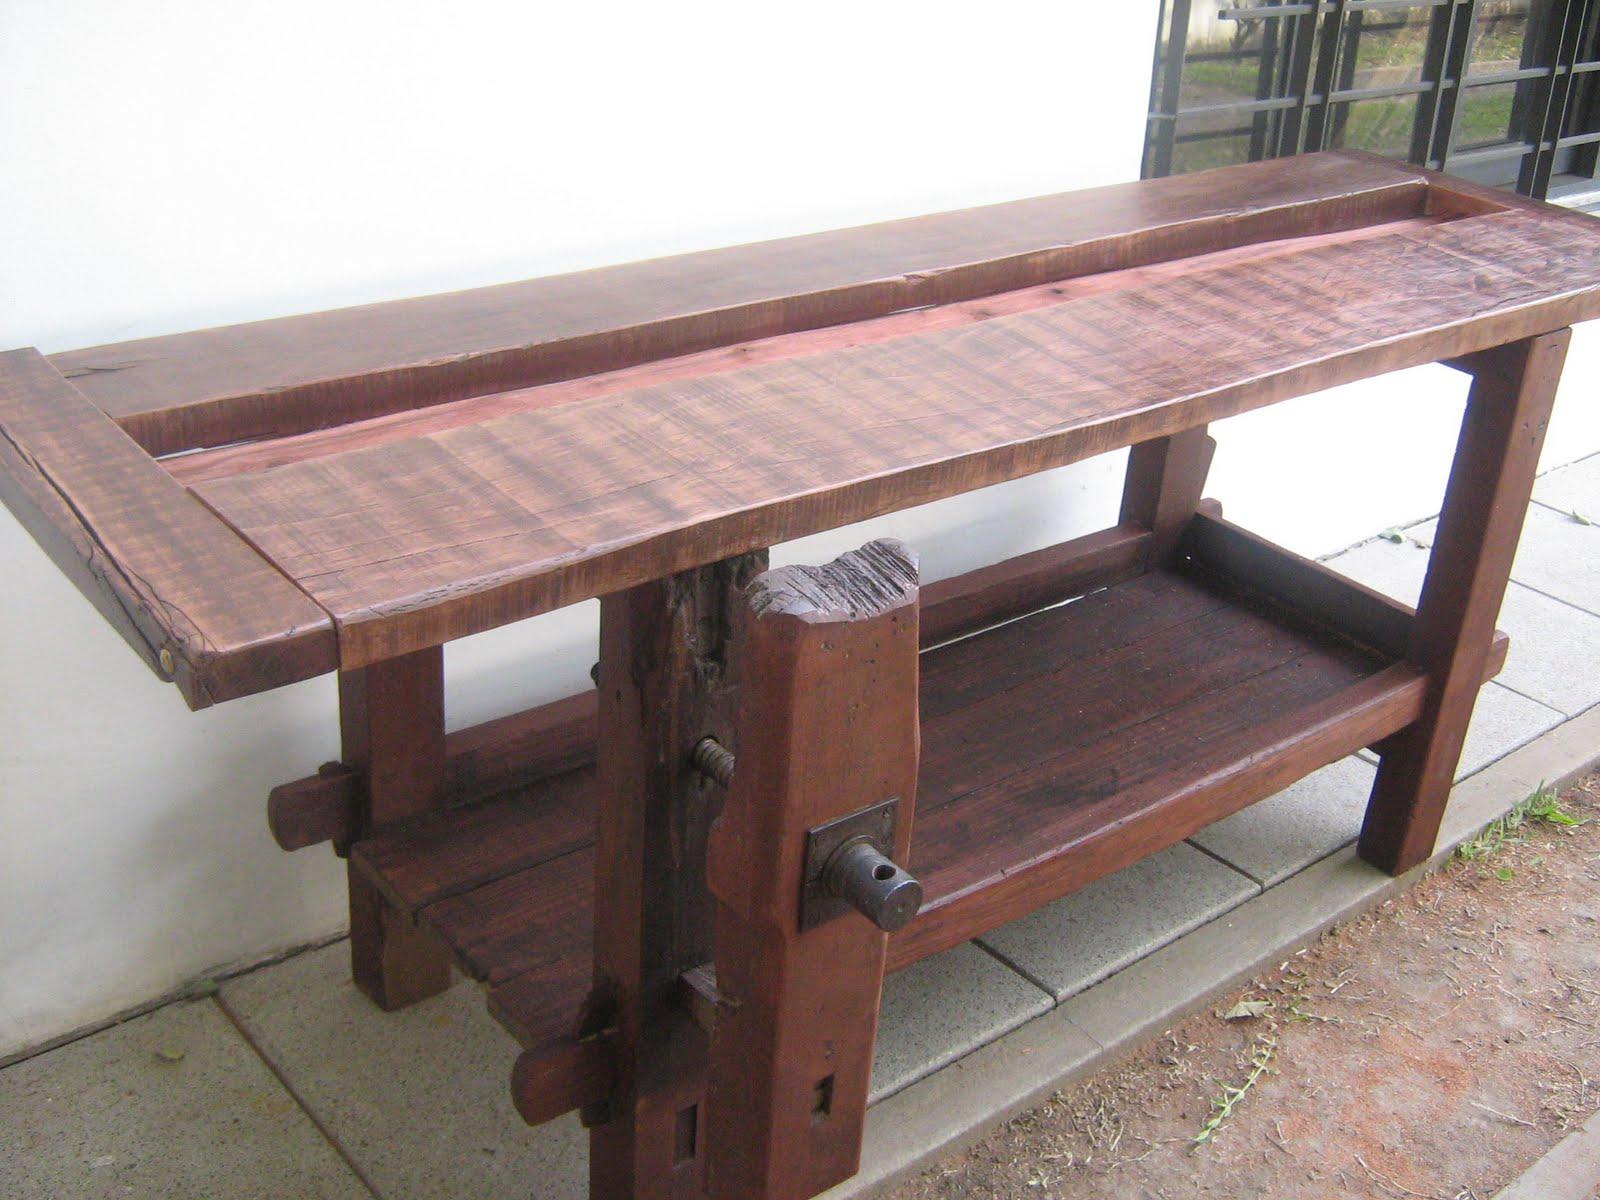 Muebles de madera de quebracho muebles rusticos mesas y for Muebles rusticos de madera